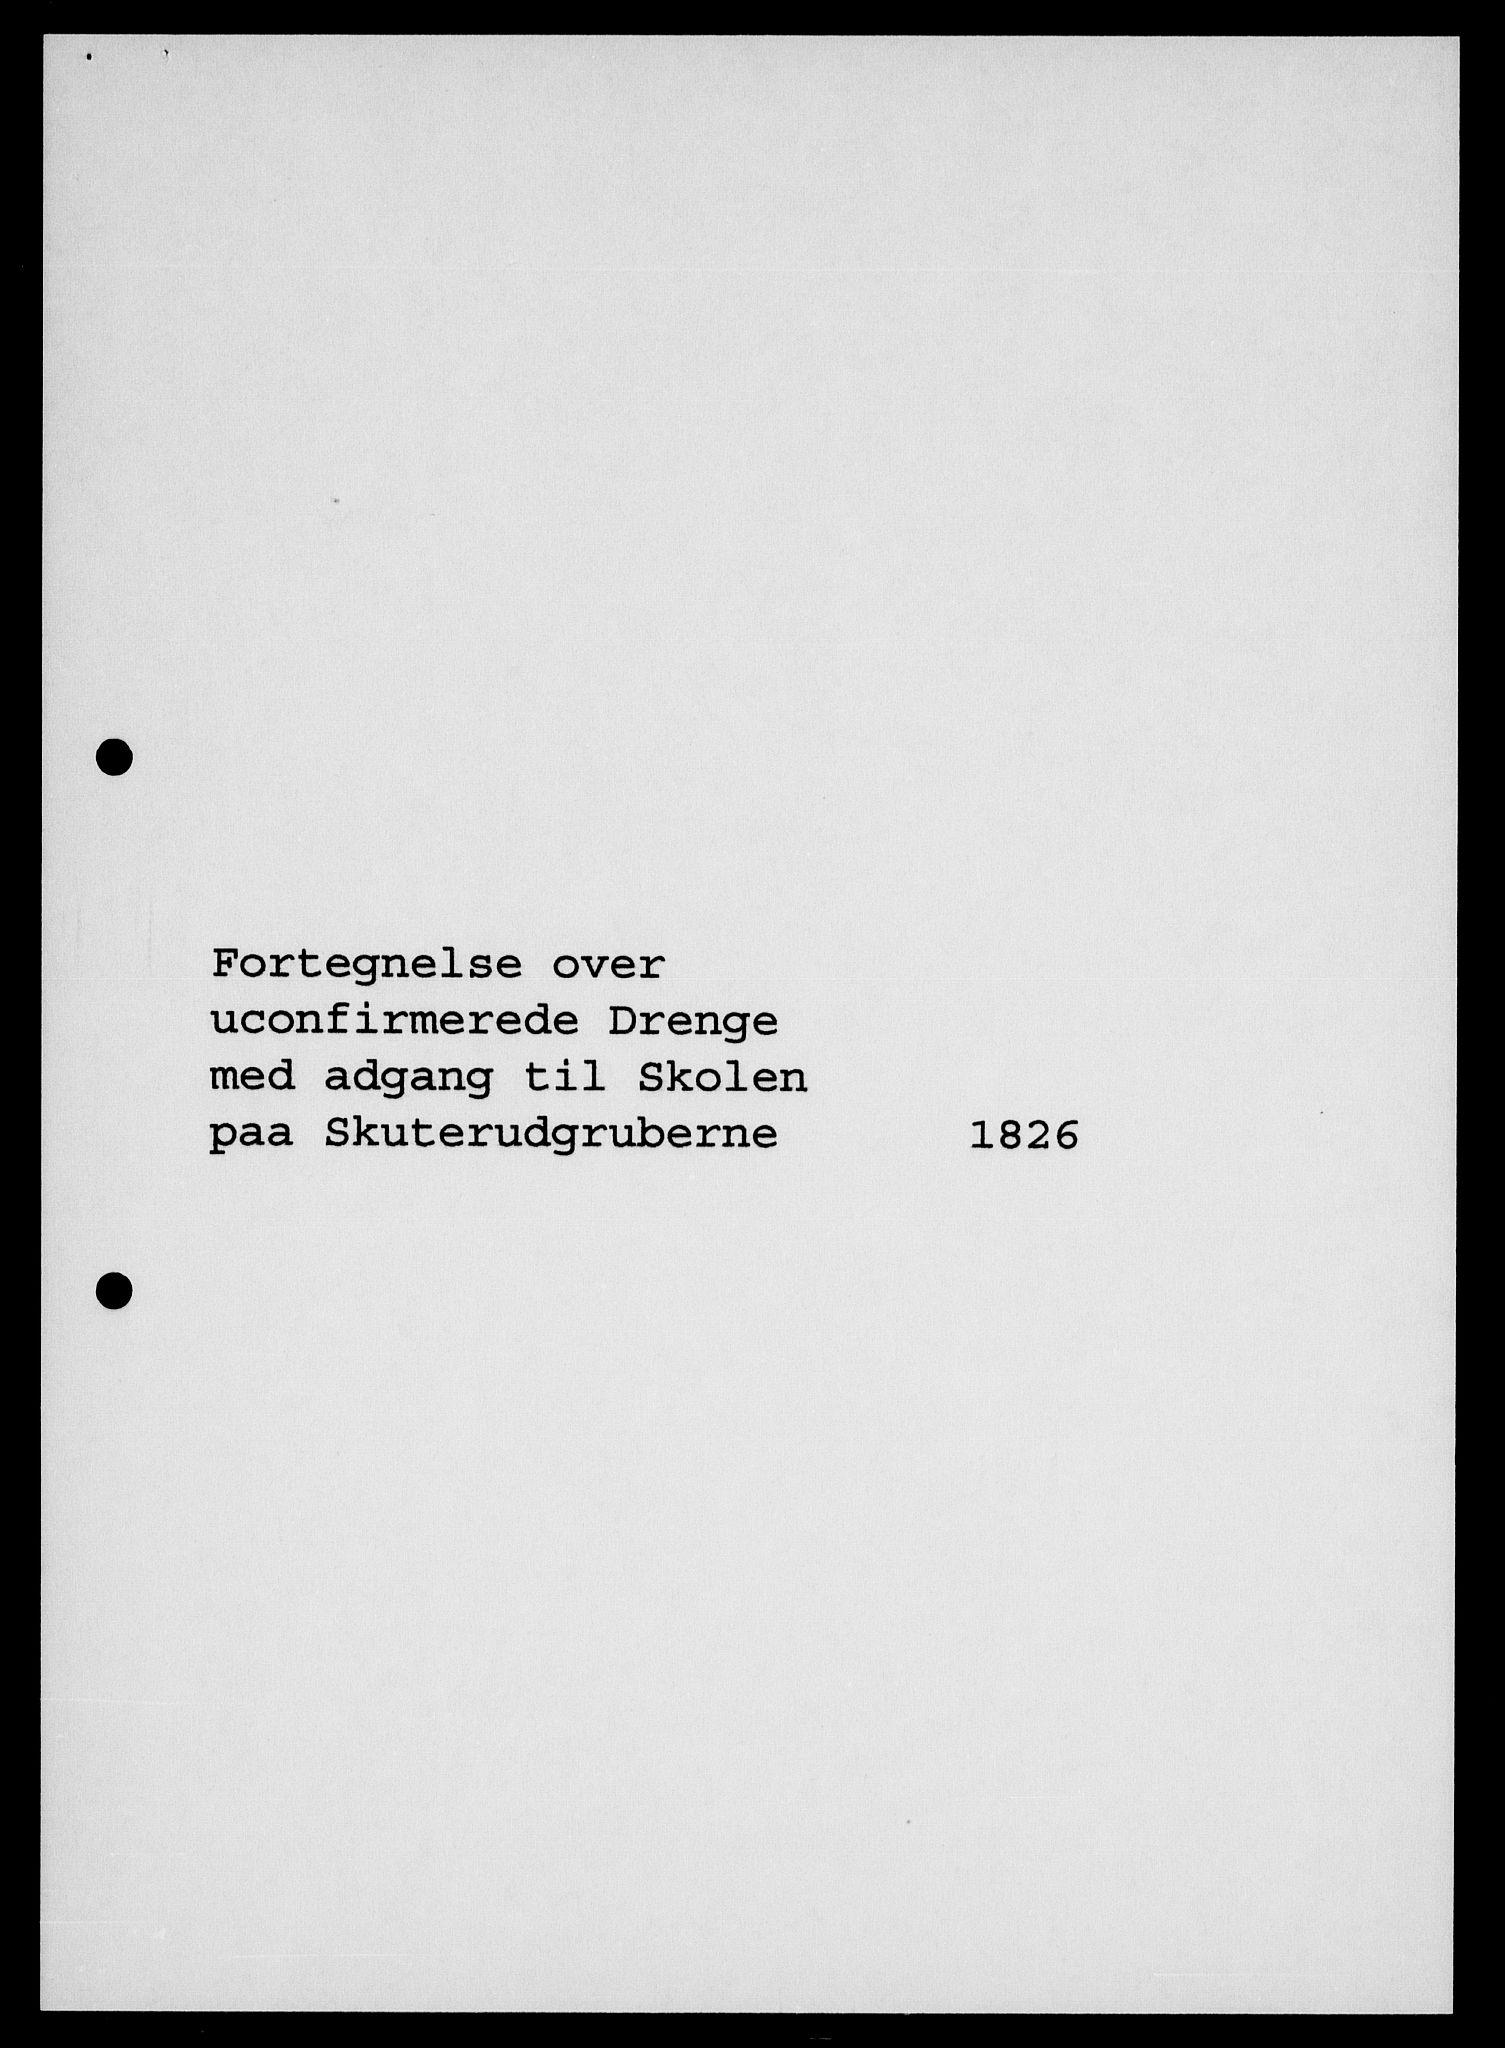 RA, Modums Blaafarveværk, G/Gi/L0381, 1823-1848, s. 251